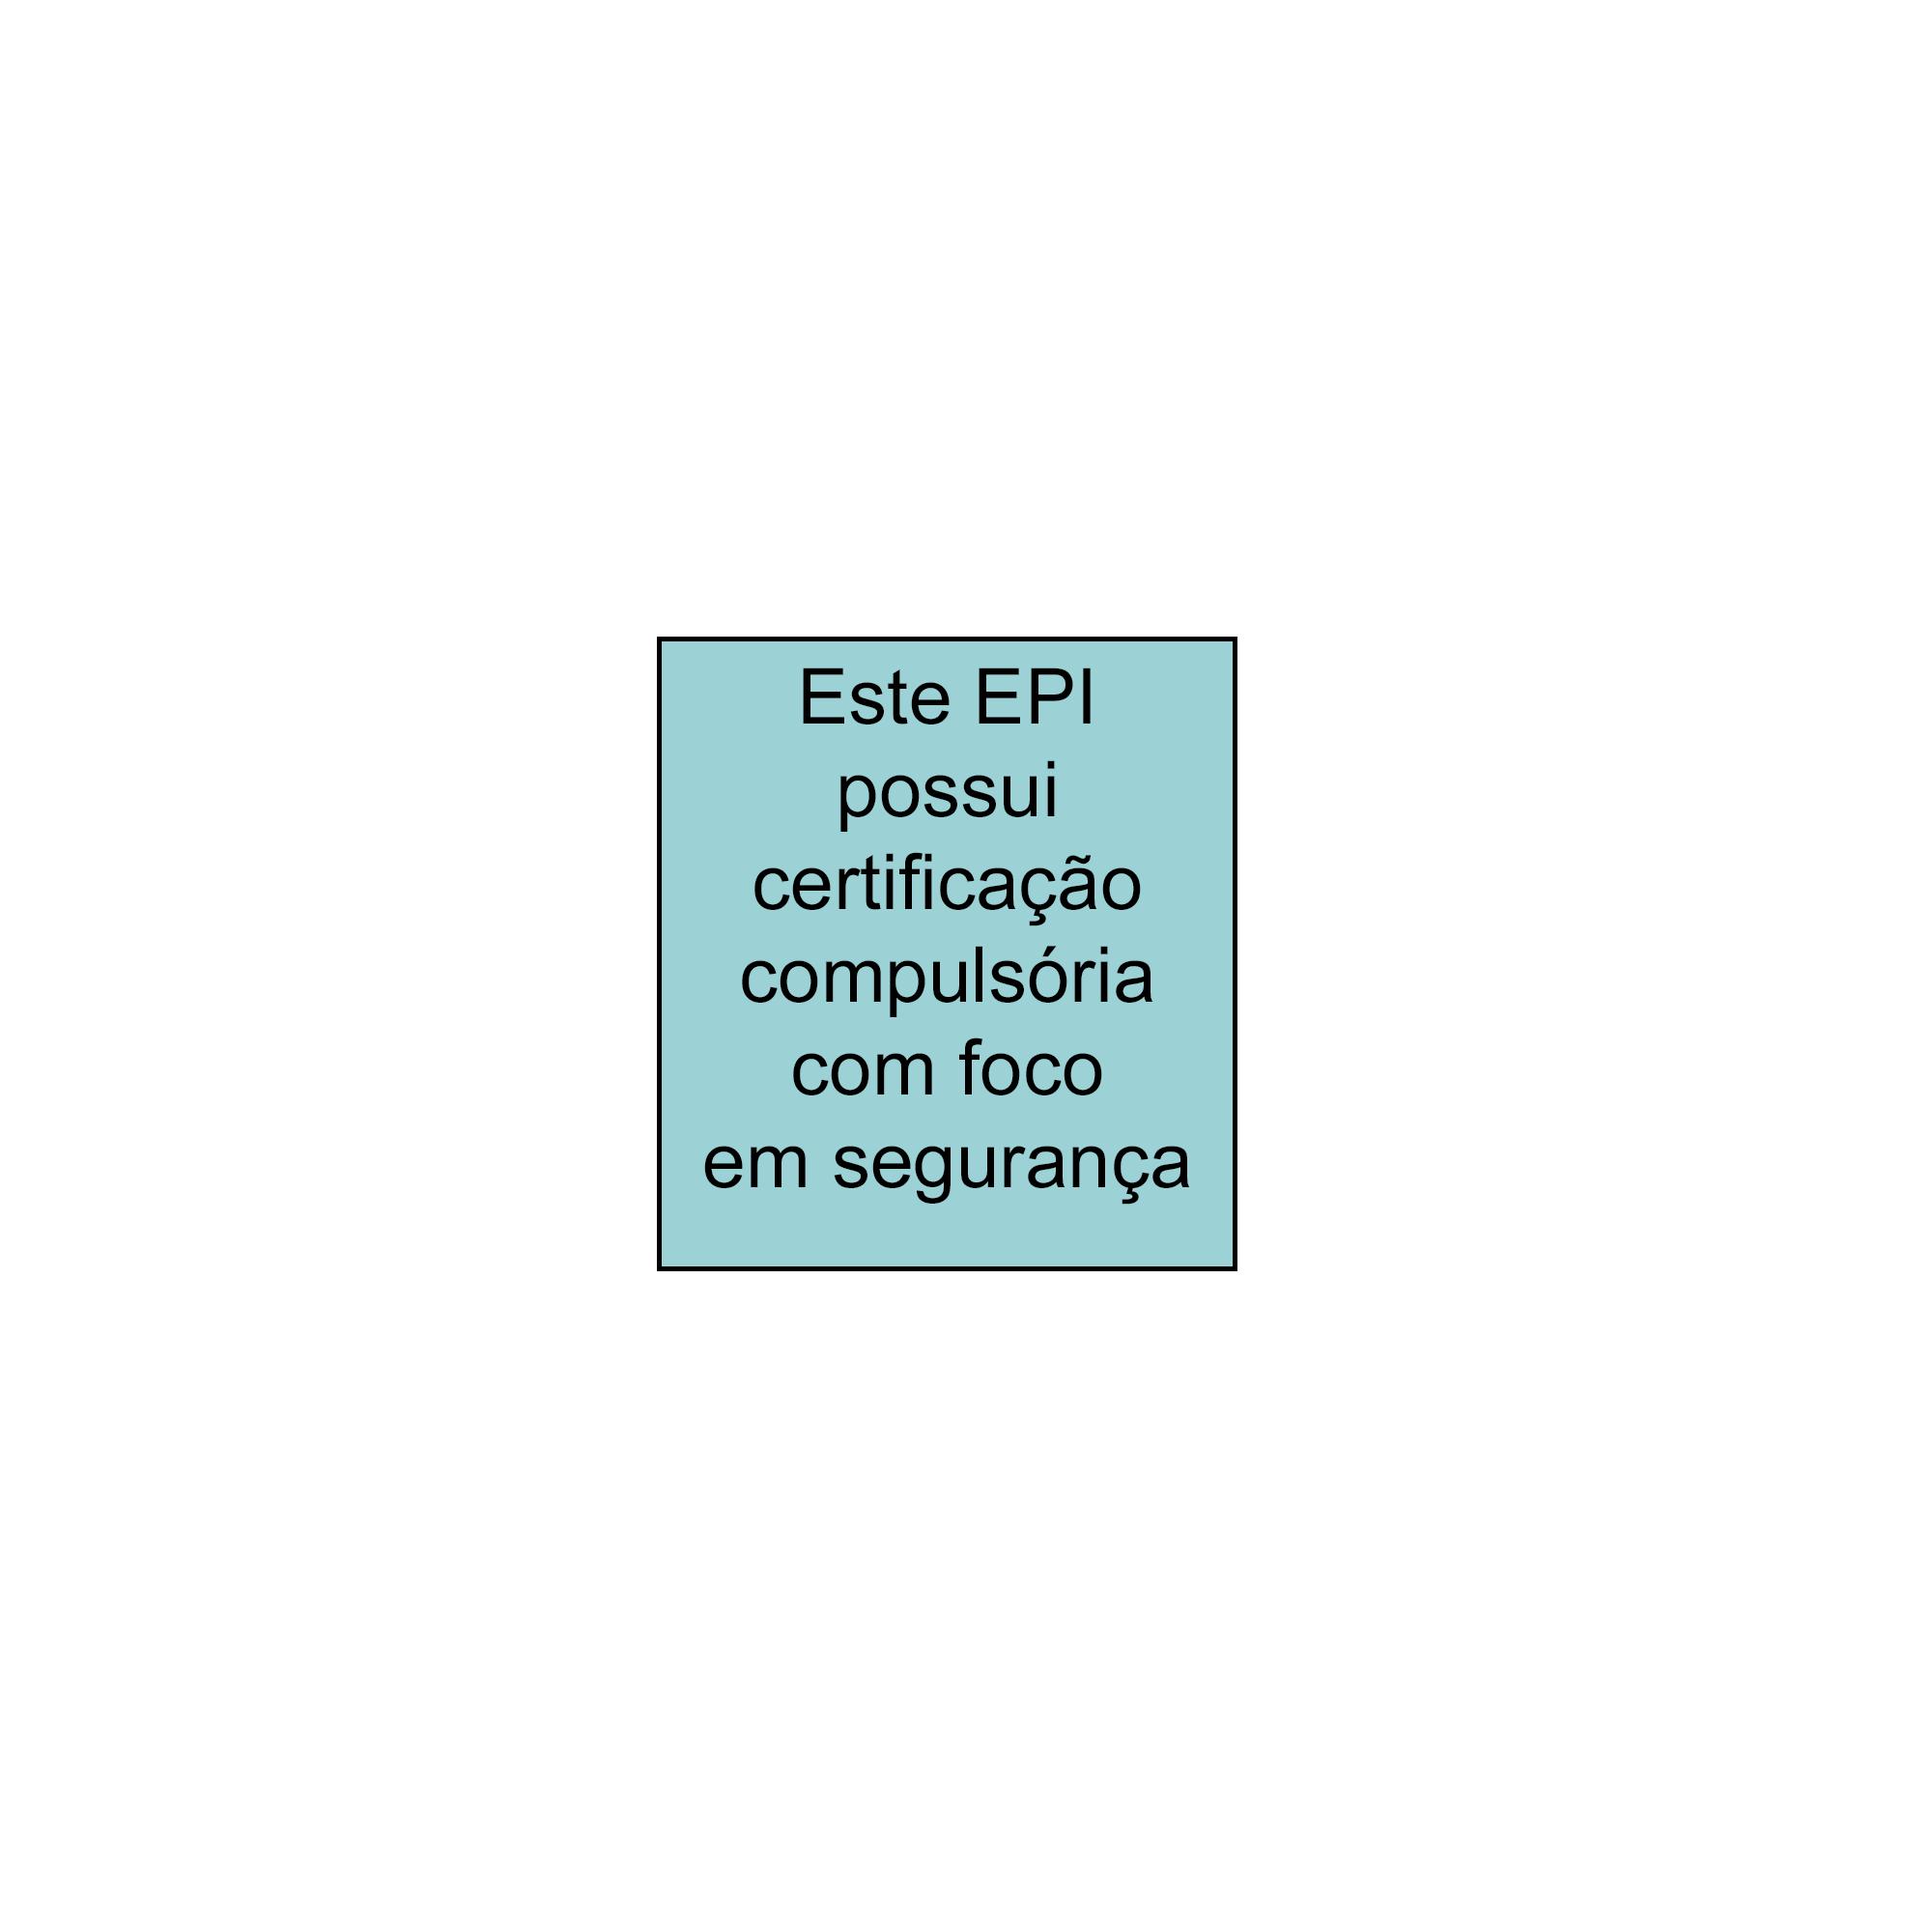 CAPACETE COM PROTETOR FACIAL DE TELA PLASTICA E ABAFADOR RUIDOS MASTER  - DE PAULA EPIS